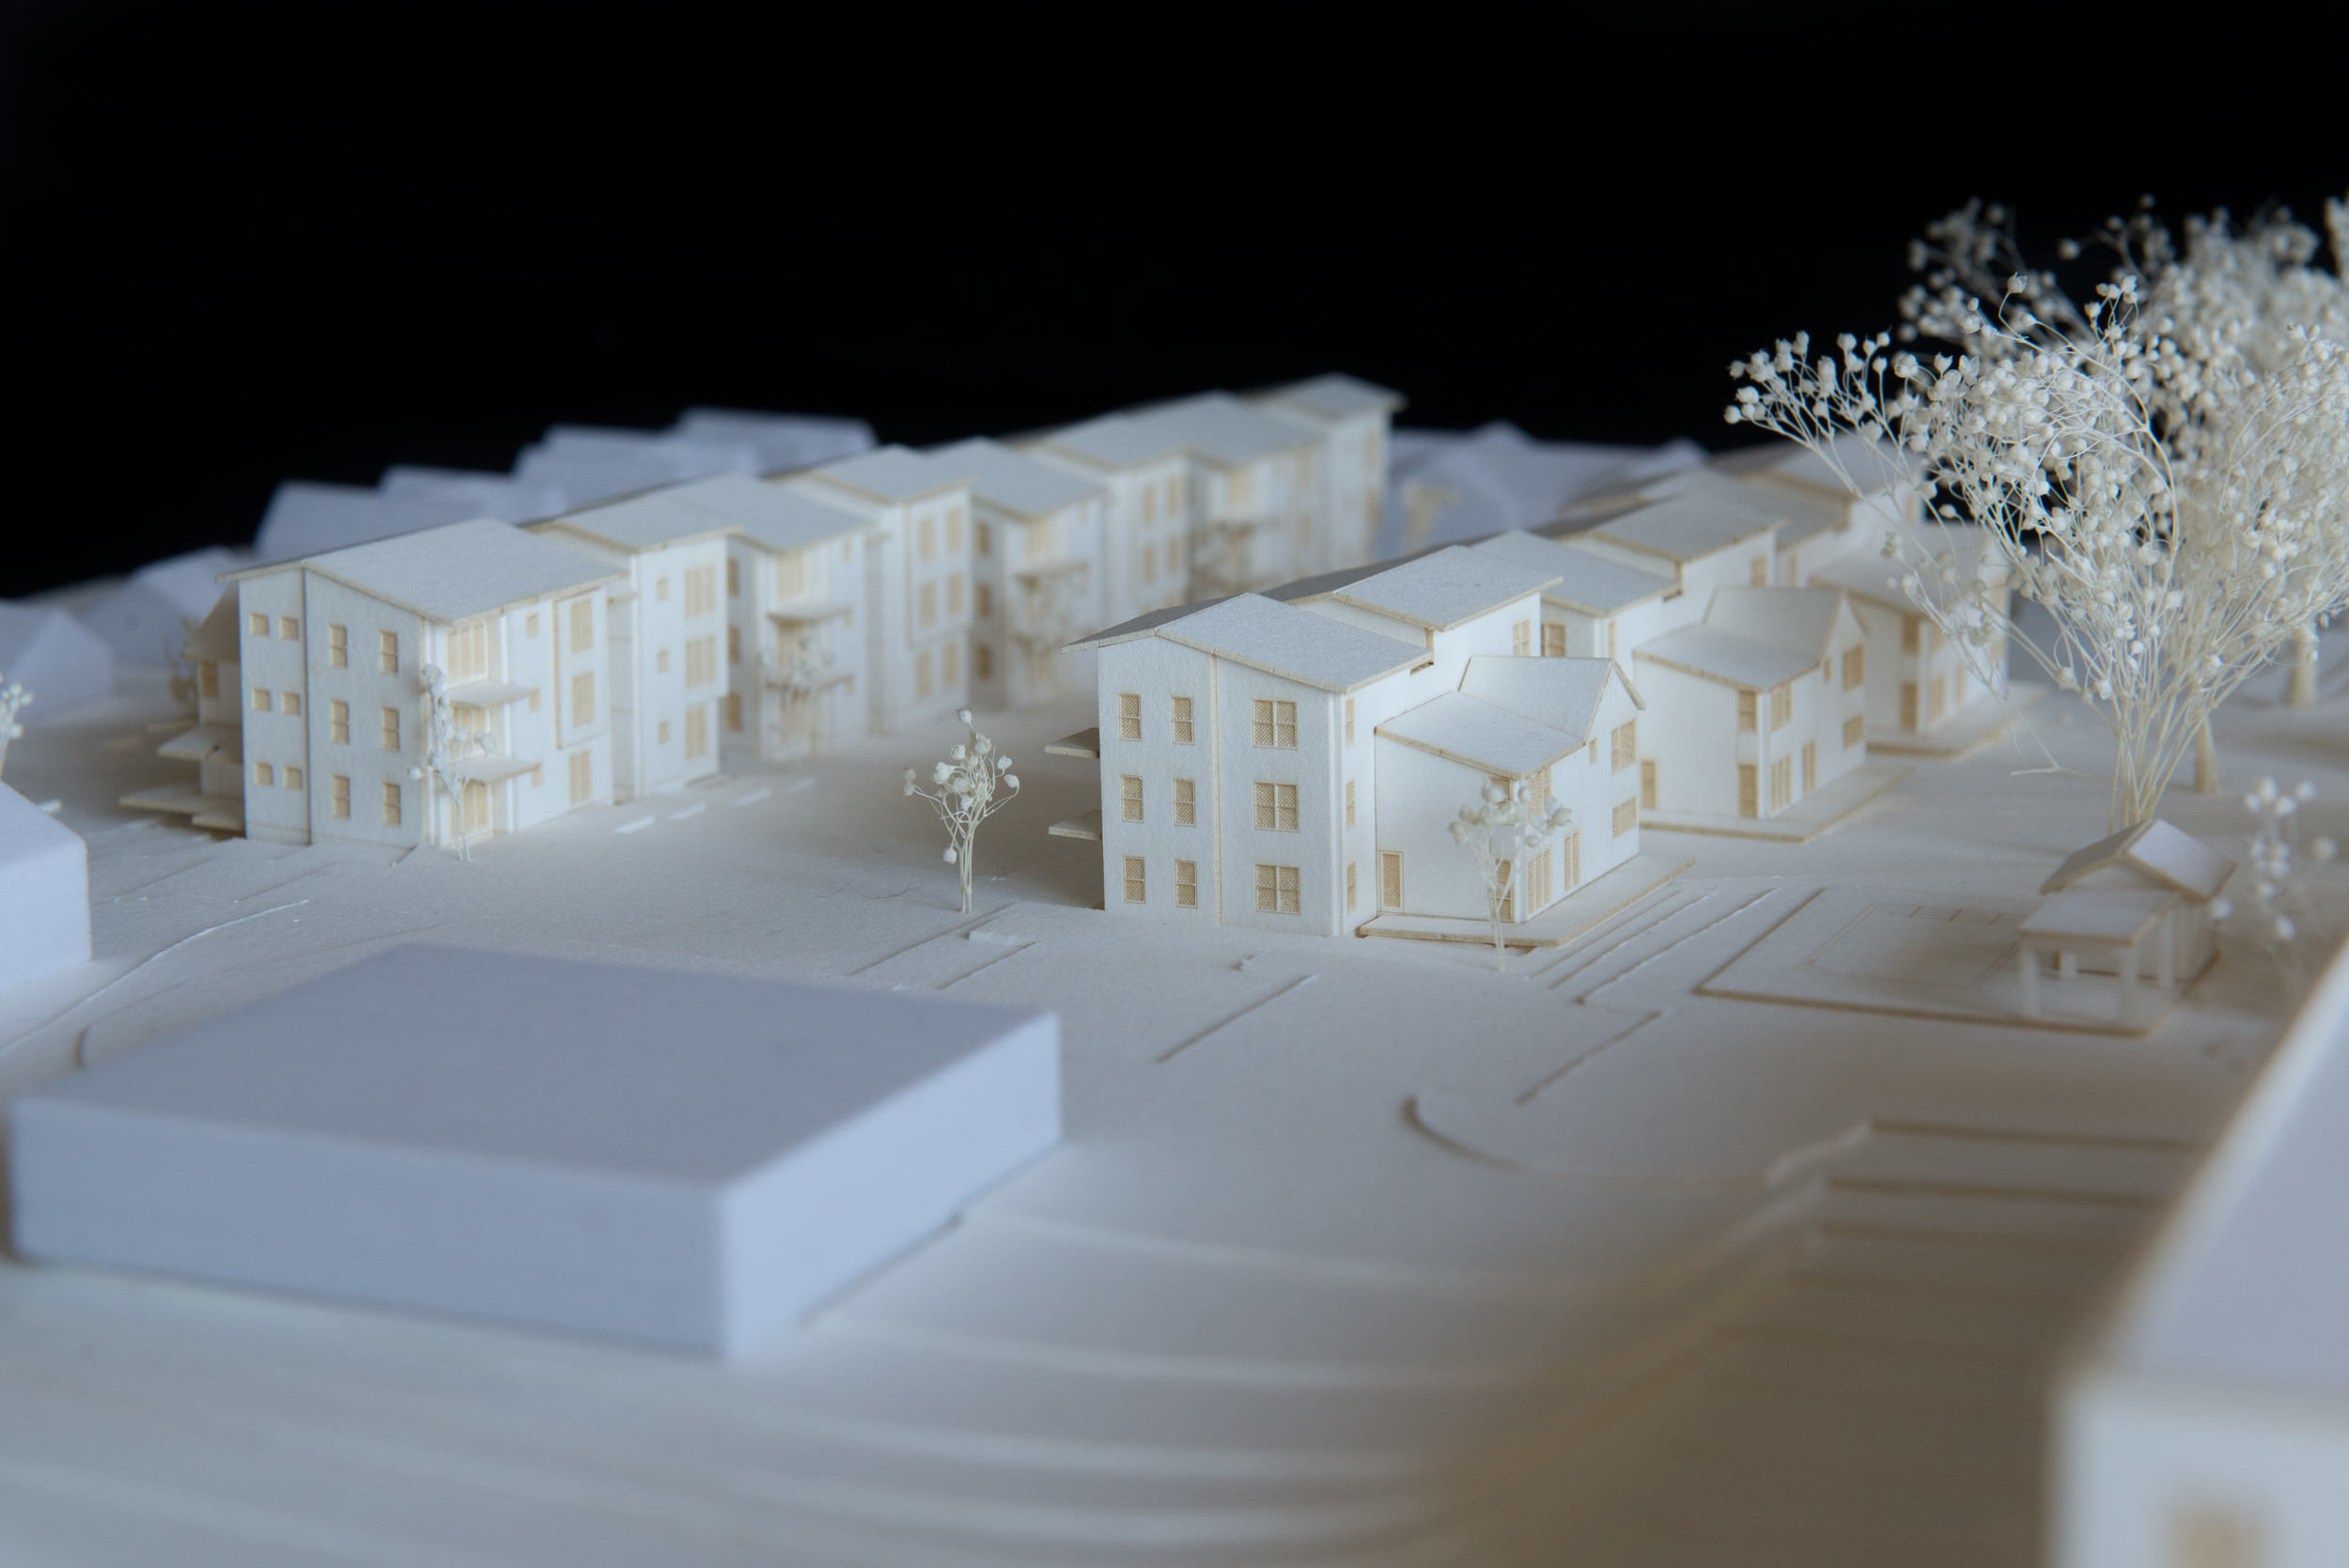 03 C Buildings.jpg